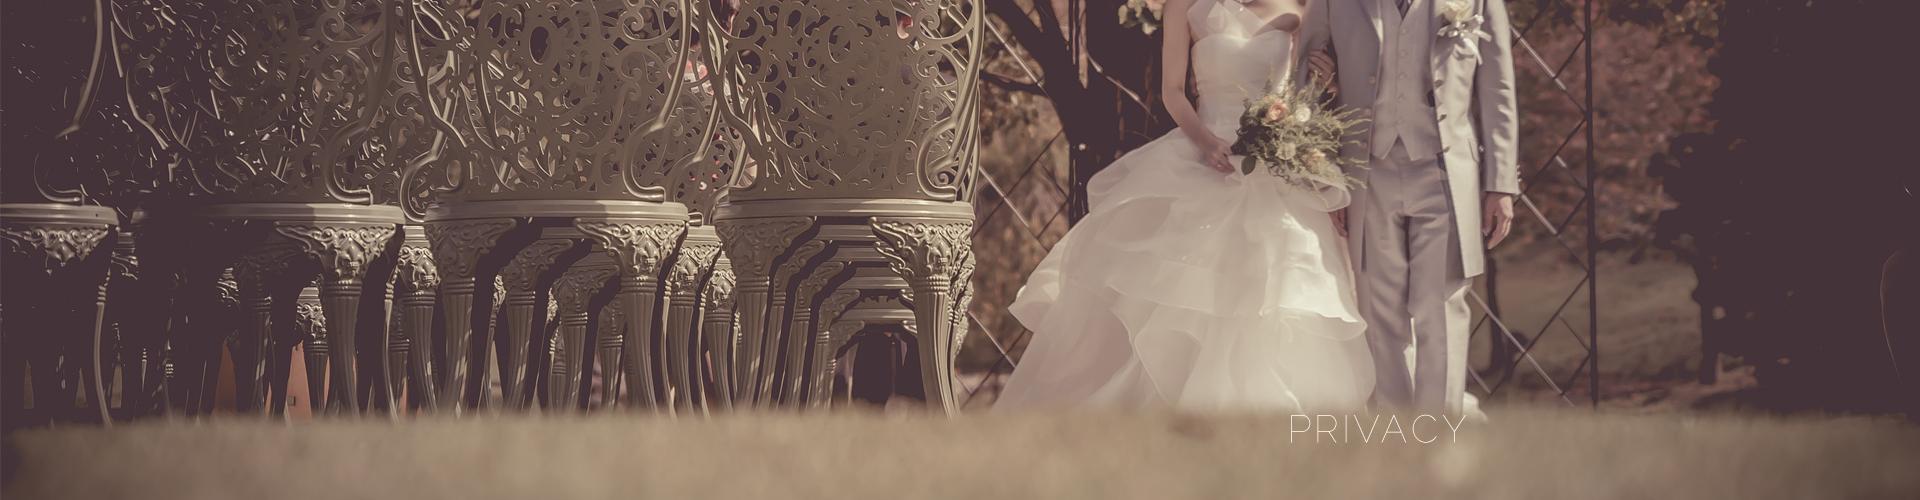 結婚式カメラマン写真-個人情報保護方針-01